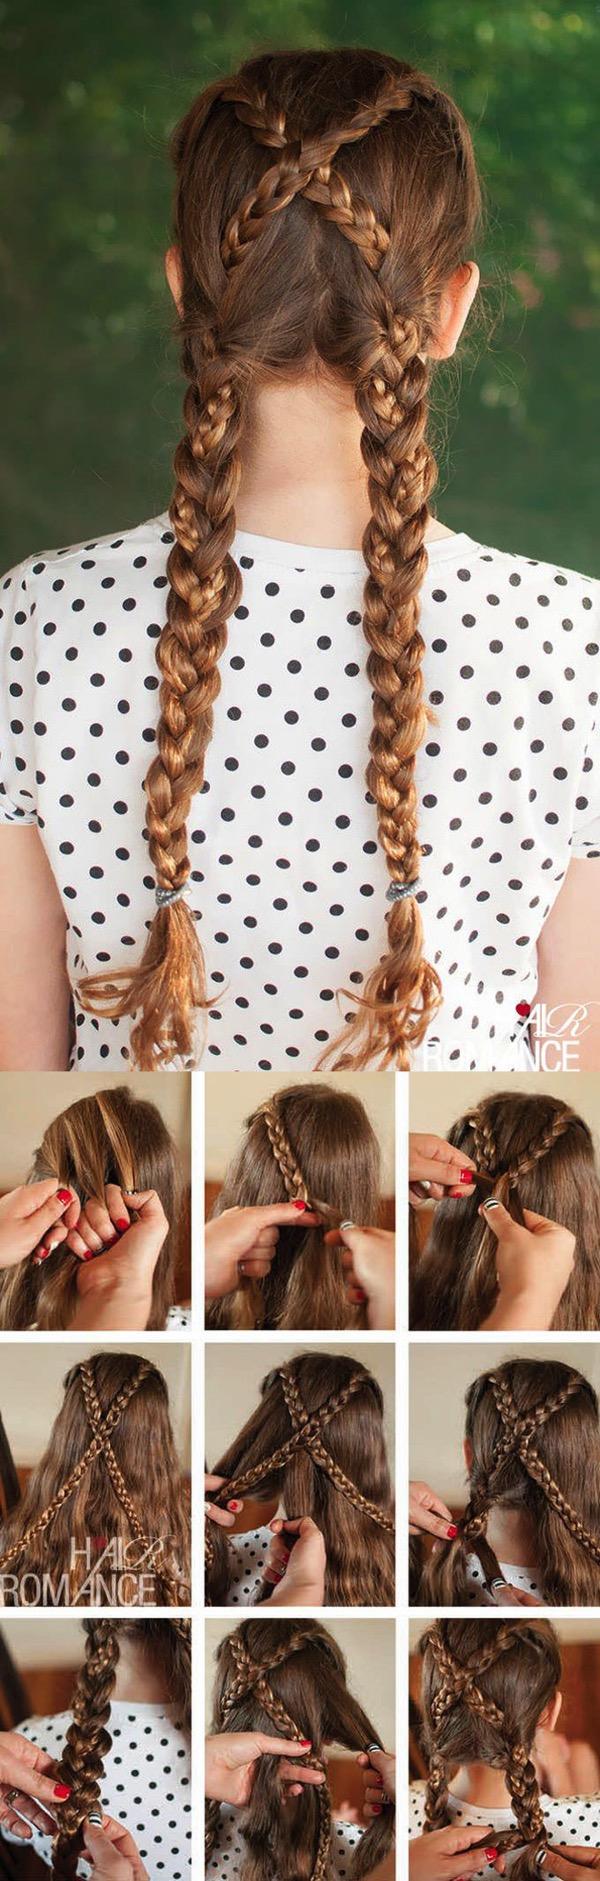 Cómo hacer Peinados de princesa de Disney paso a paso 13